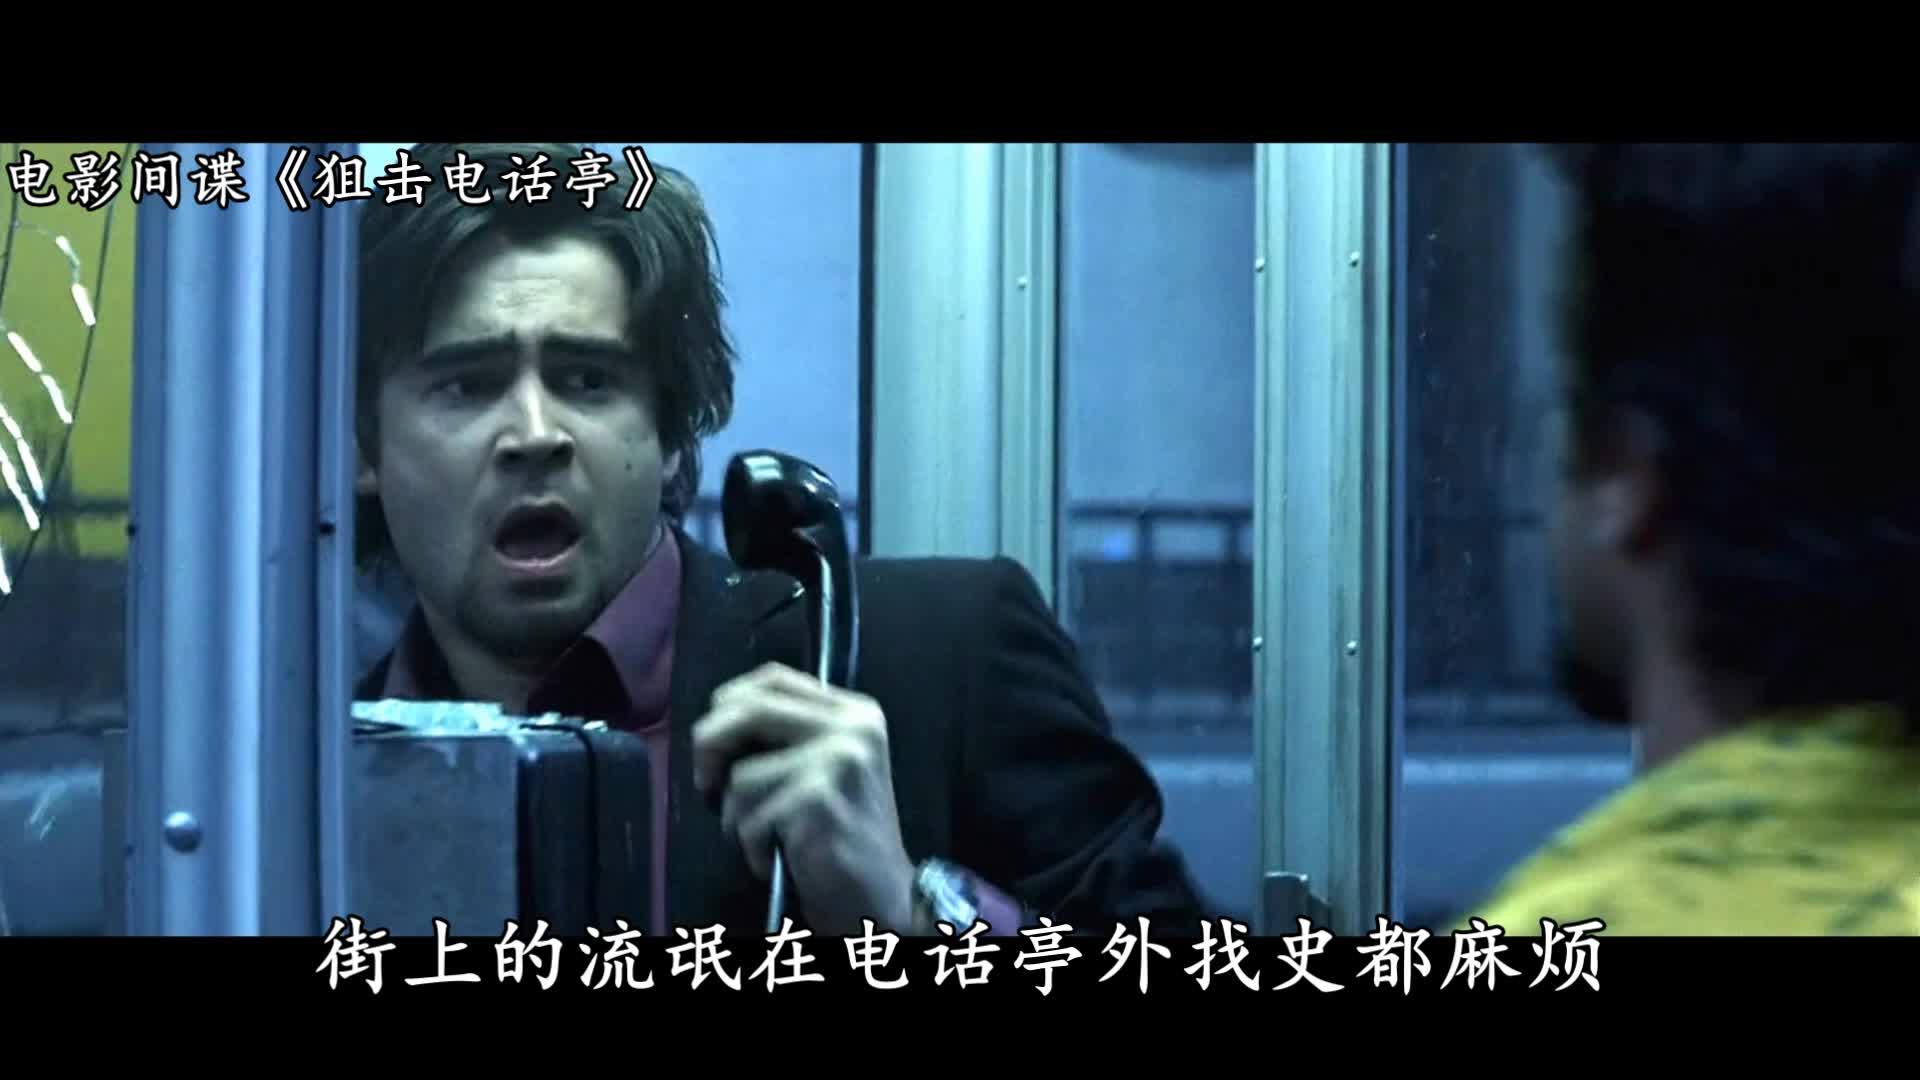 #经典看电影#男子被狙击手堵在电话亭,一放下电话就会被杀,他该如何逃生?